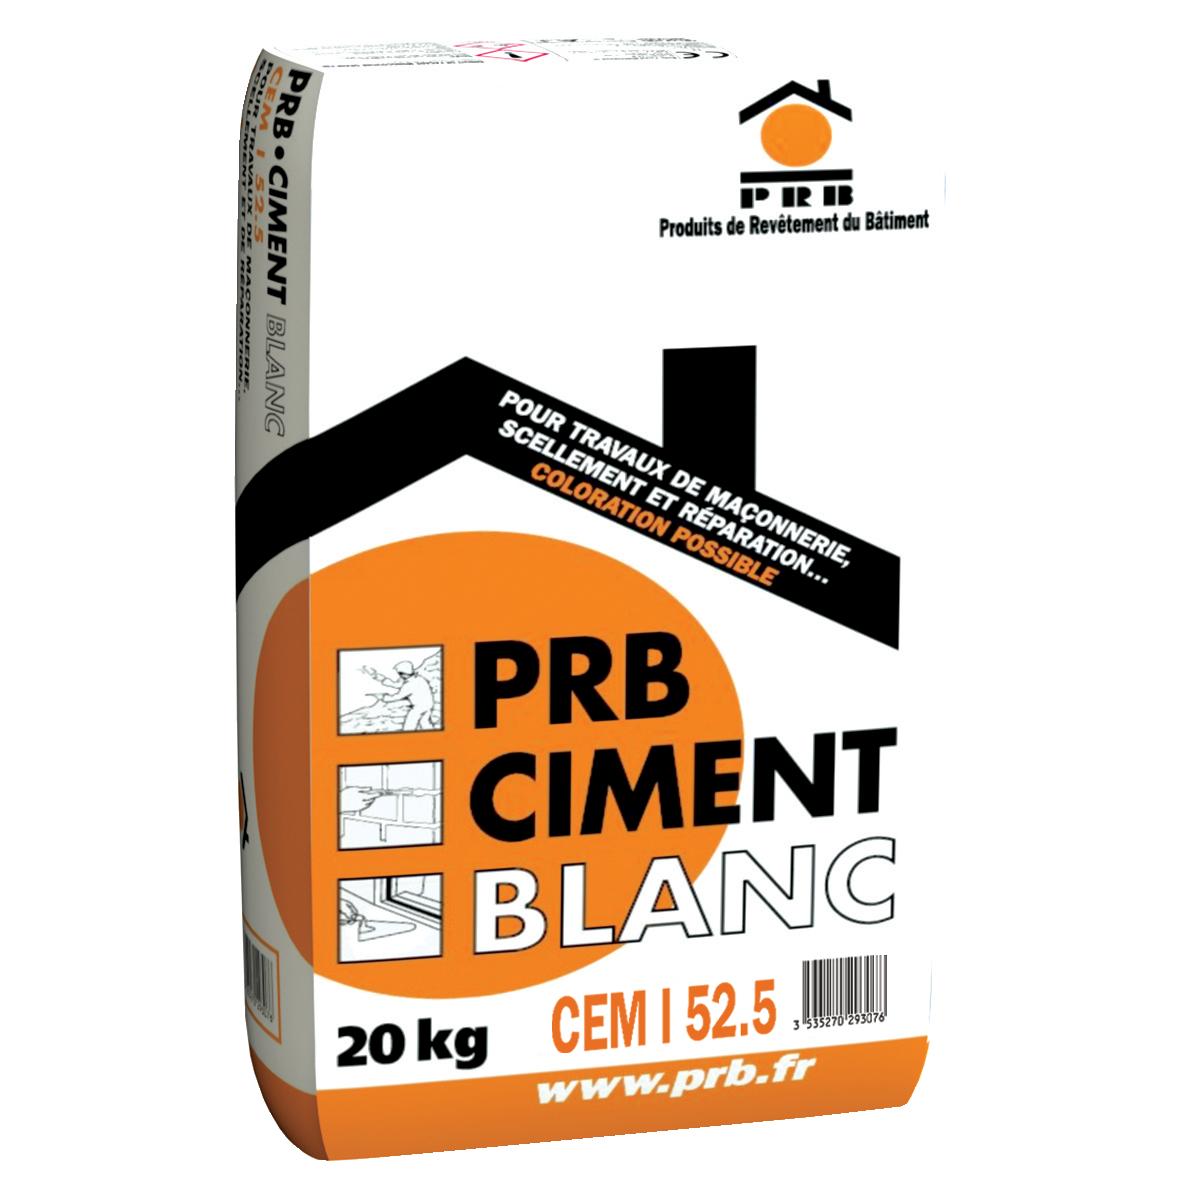 PRB CIMENT BLANC 20 KG